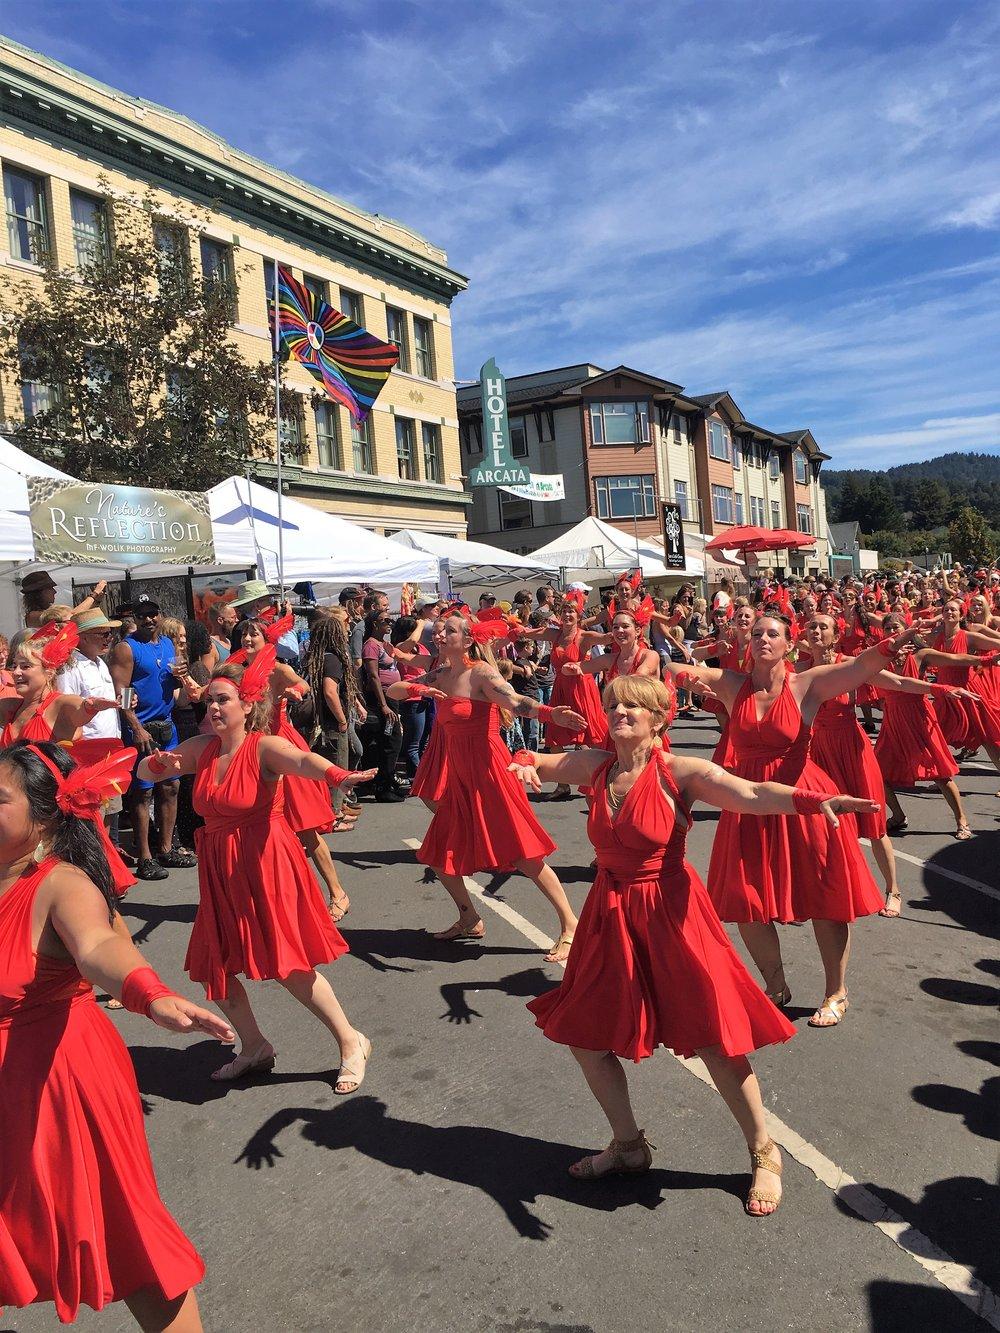 Sambra Parade at the North Country Fair, Arcata Plaza